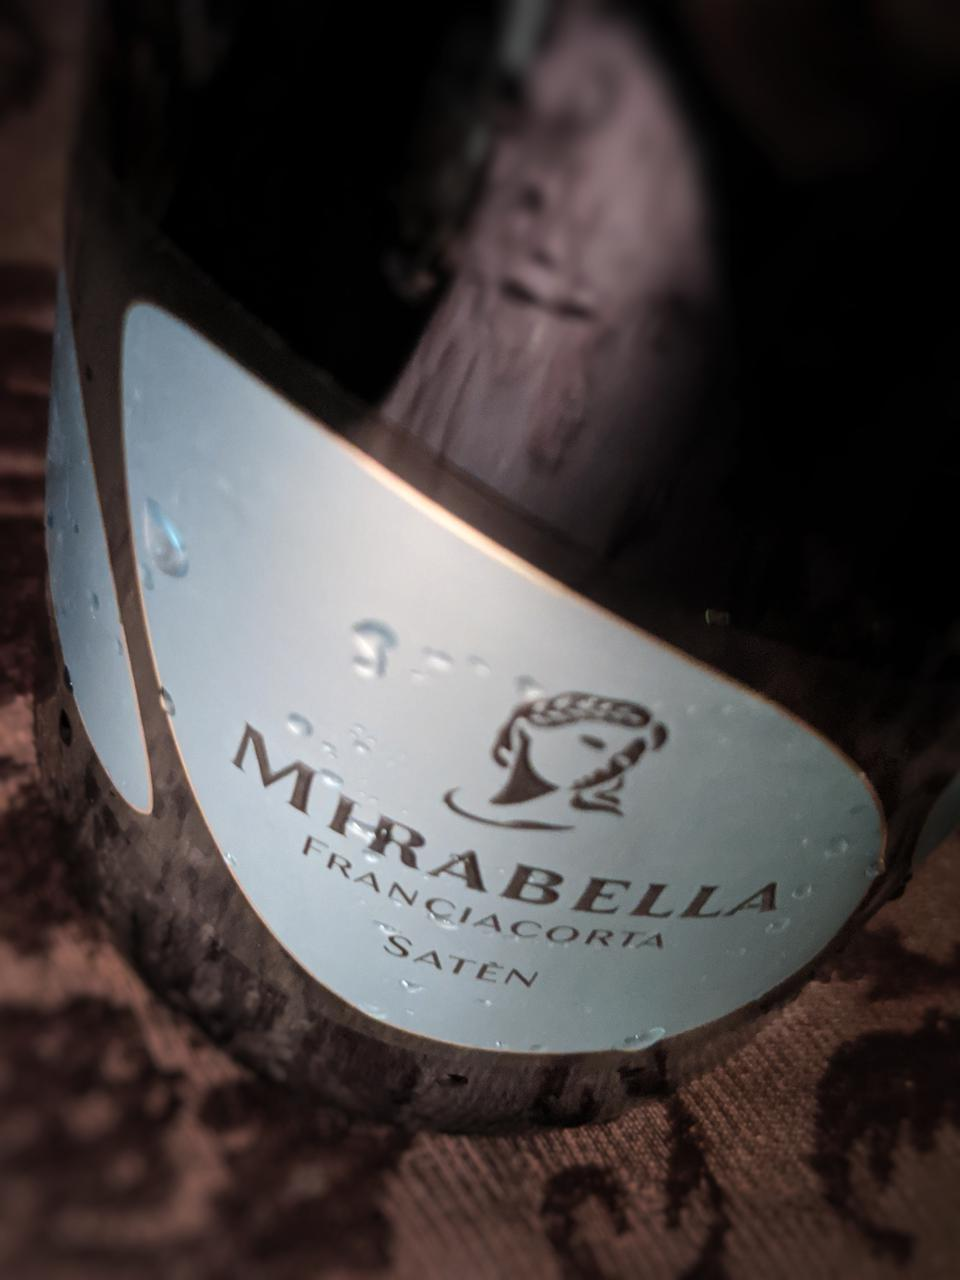 Mirabella Satèn Franciacorta